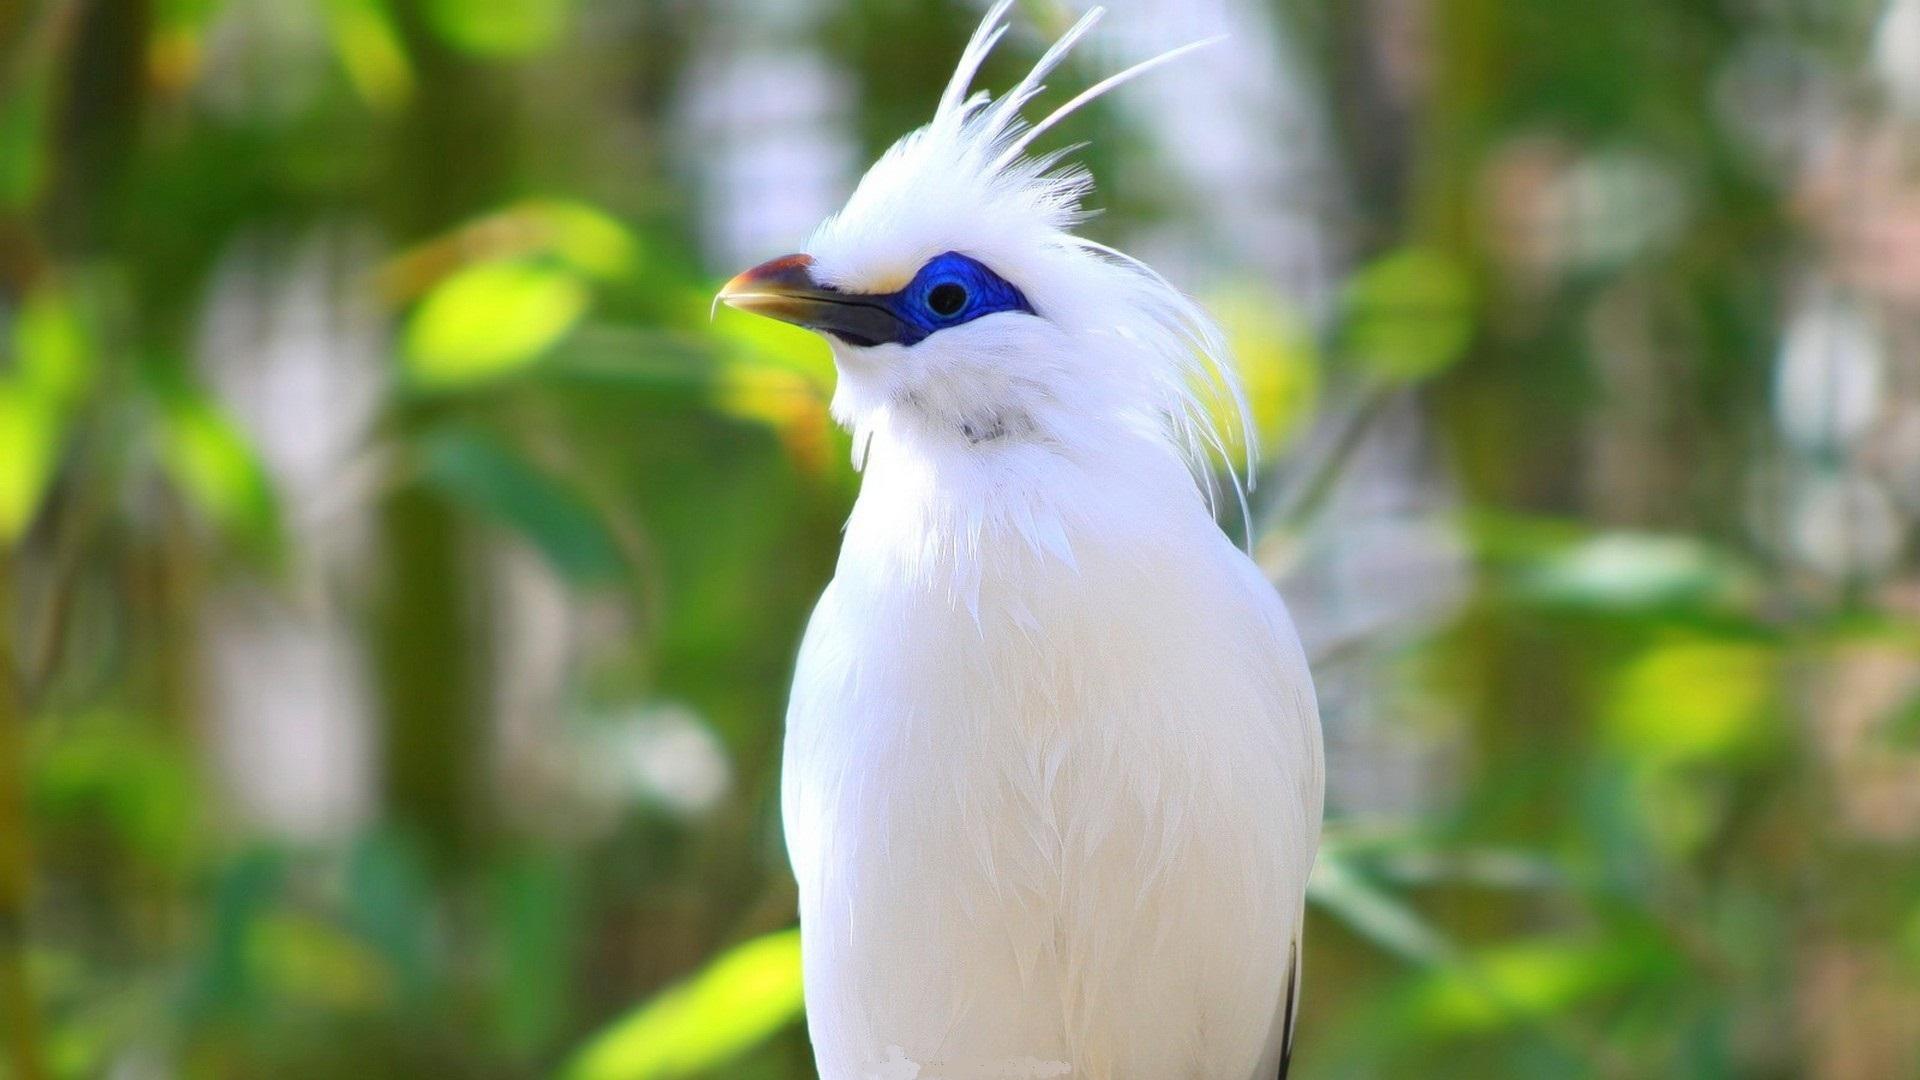 Wallpapers birds amazing bird   1485403 1920x1080